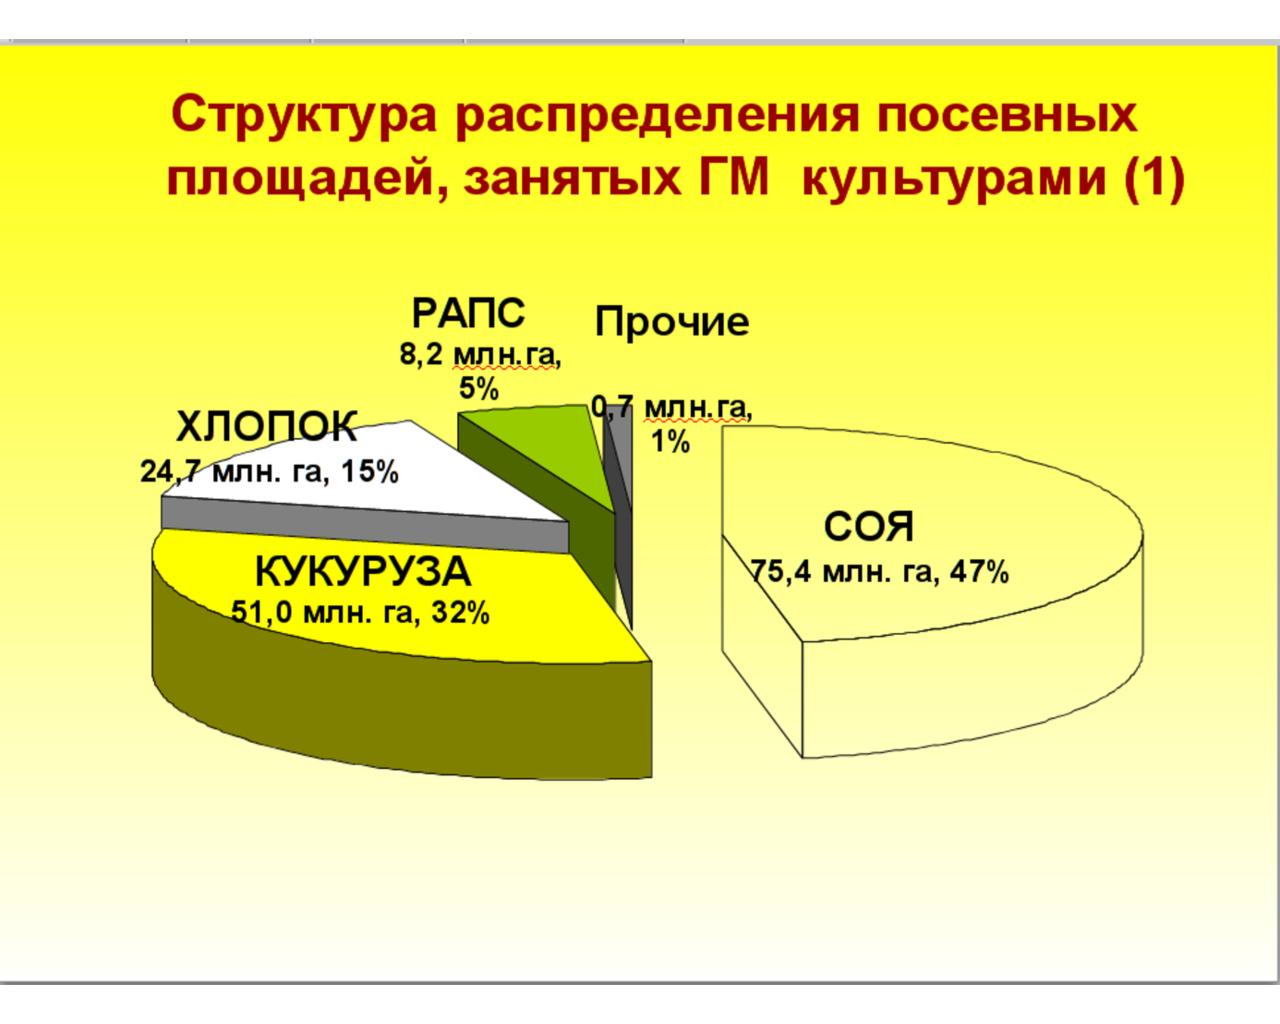 Будущее генной инженерии ближе, чем вы думаете - hi-news.ru